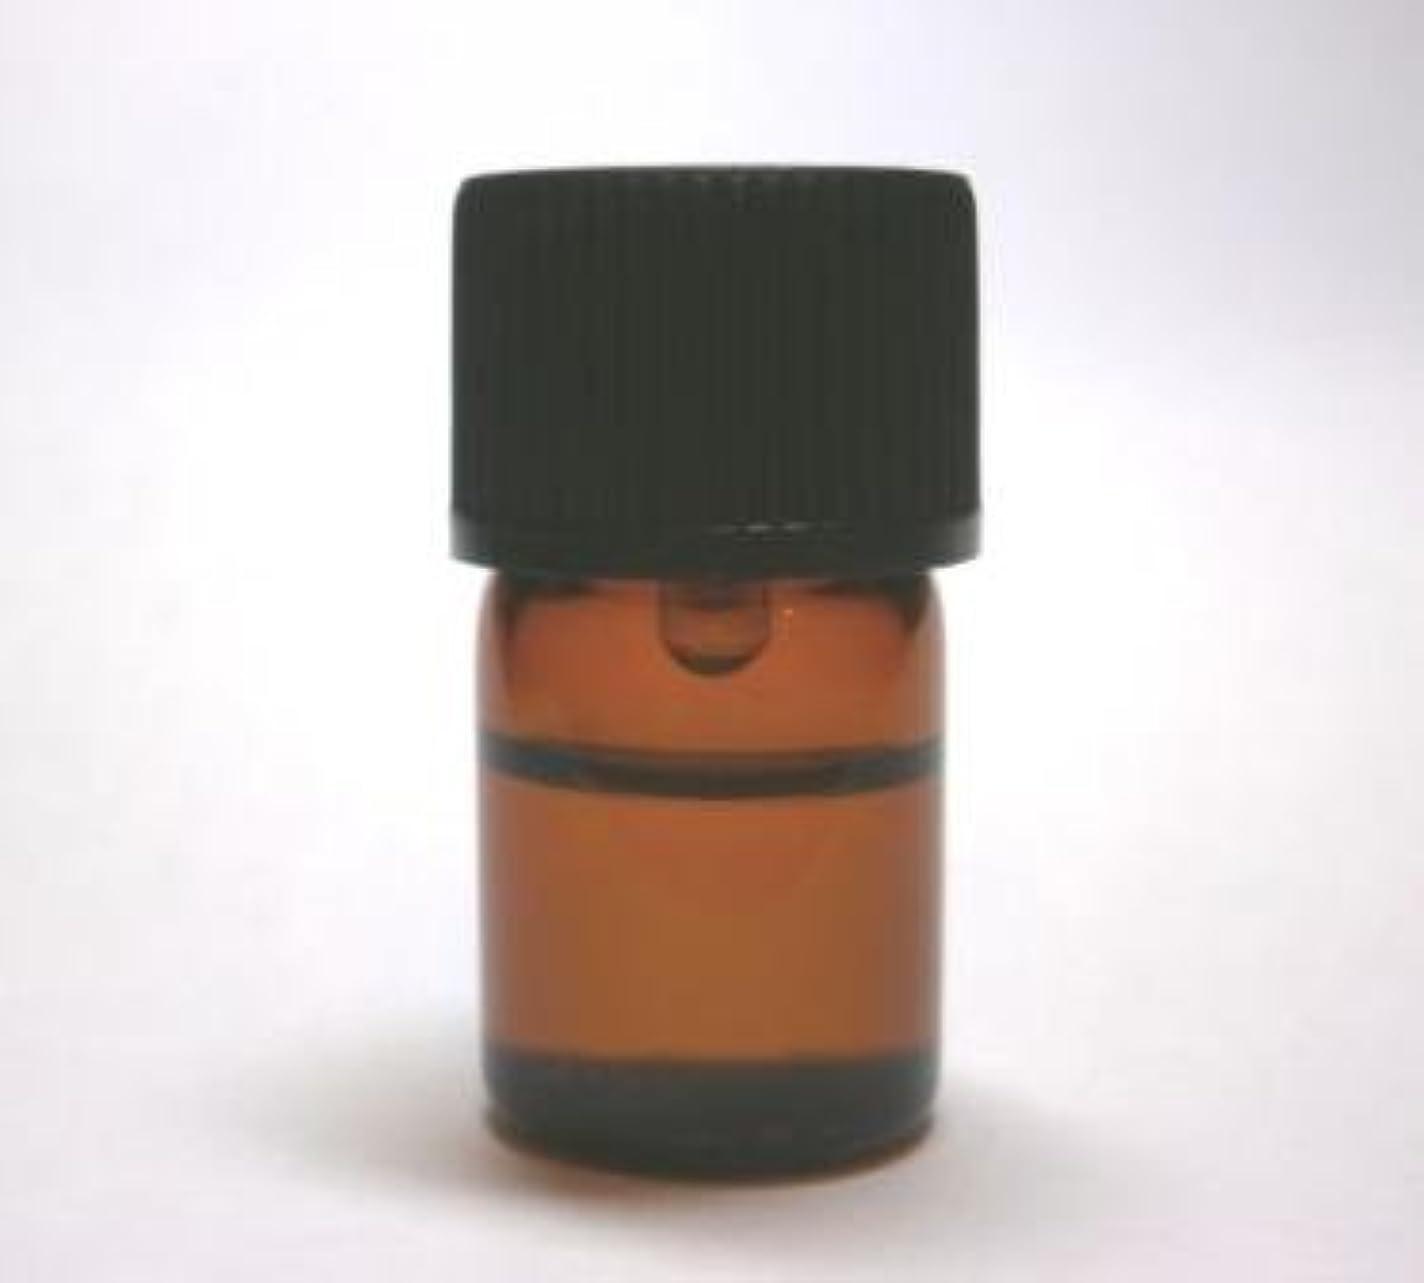 オレンジ寛大などういたしましてローズabsアブソリュート100%:3ml /ローズエッセンシャルオイル/ローズ精油/ローズオイル